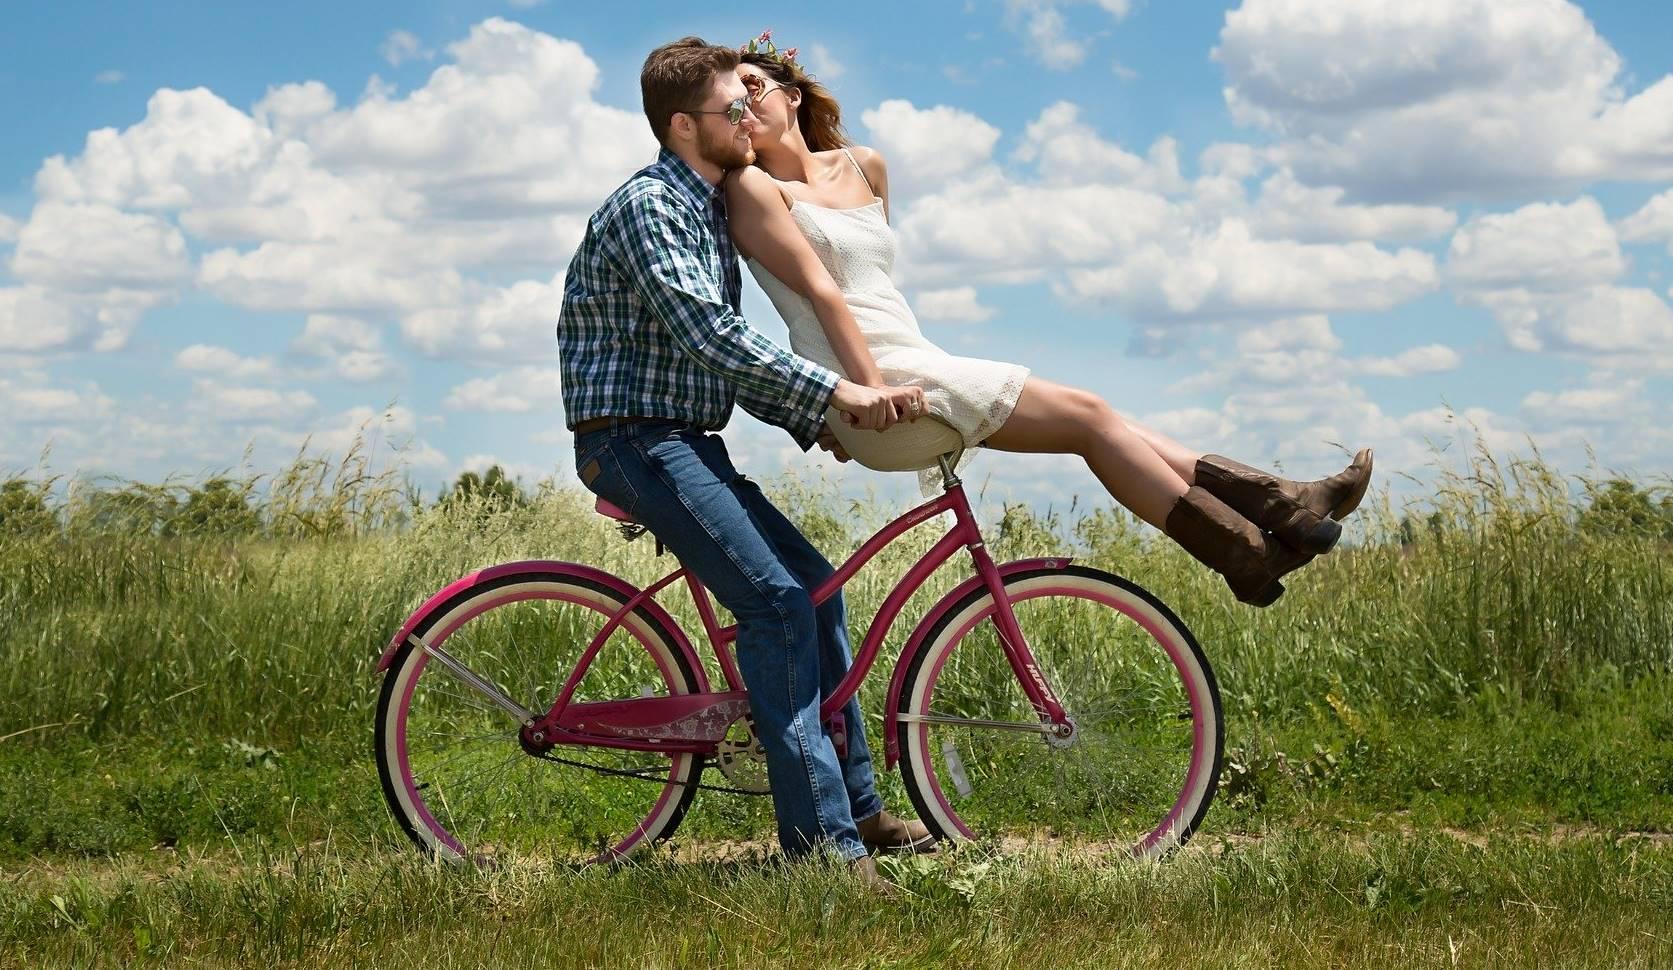 Is de passie in jouw relatie verdwenen? Annelies weet wat te doen: Ga fietsen!